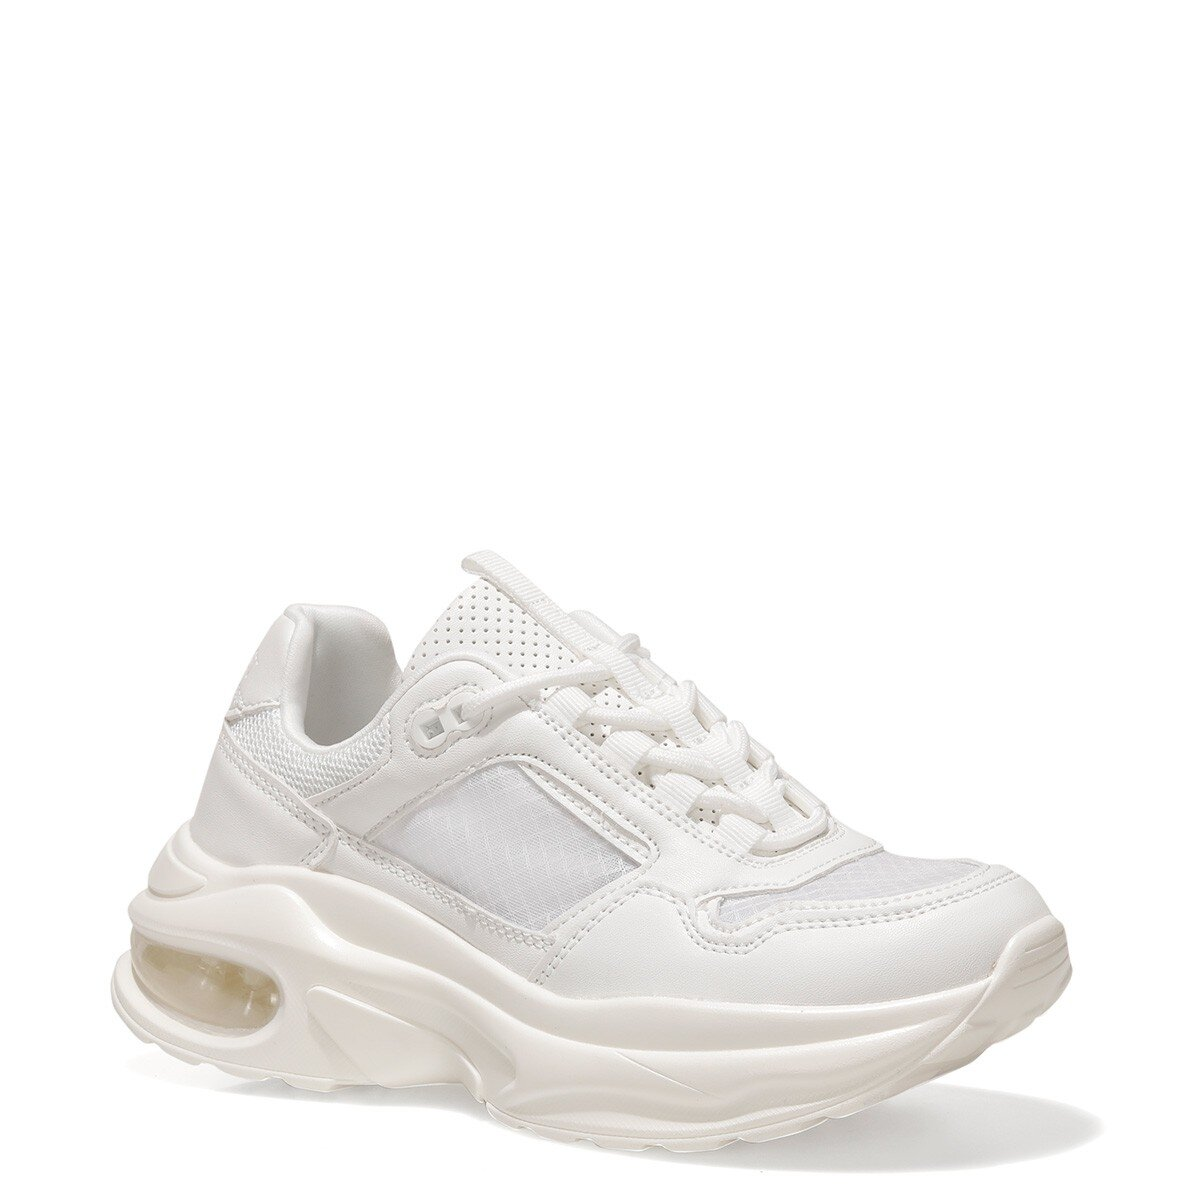 BIZZY2 1FX Beyaz Kadın Sneaker